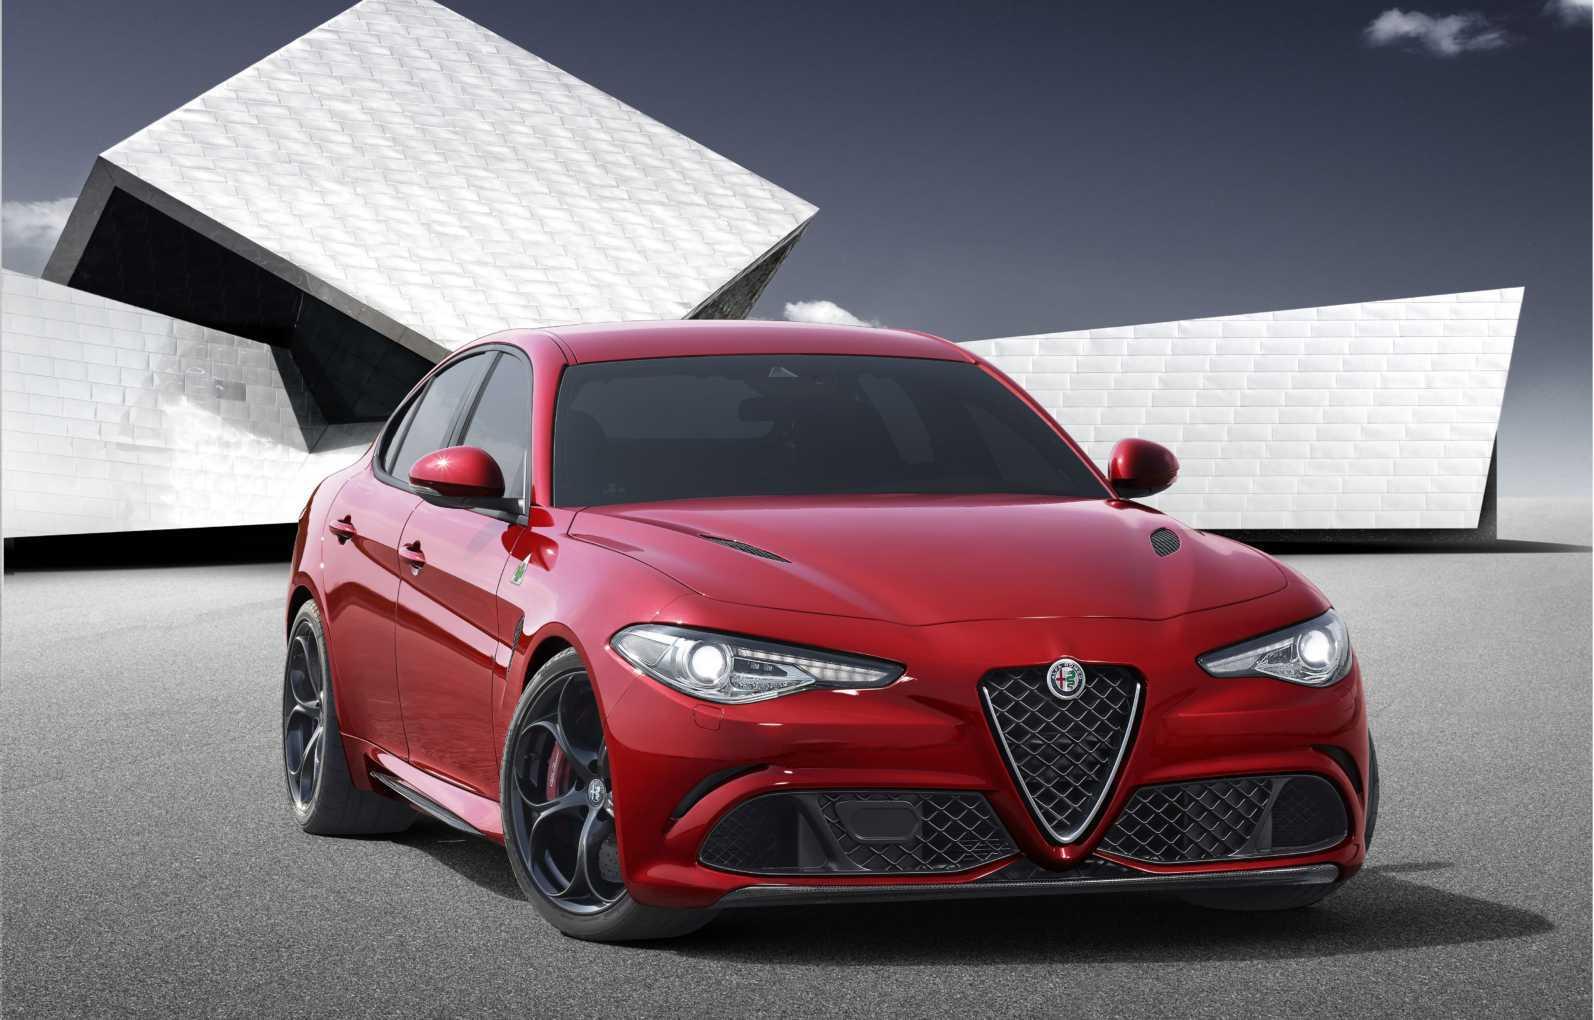 Alfa_Romeo_Giulia_angled